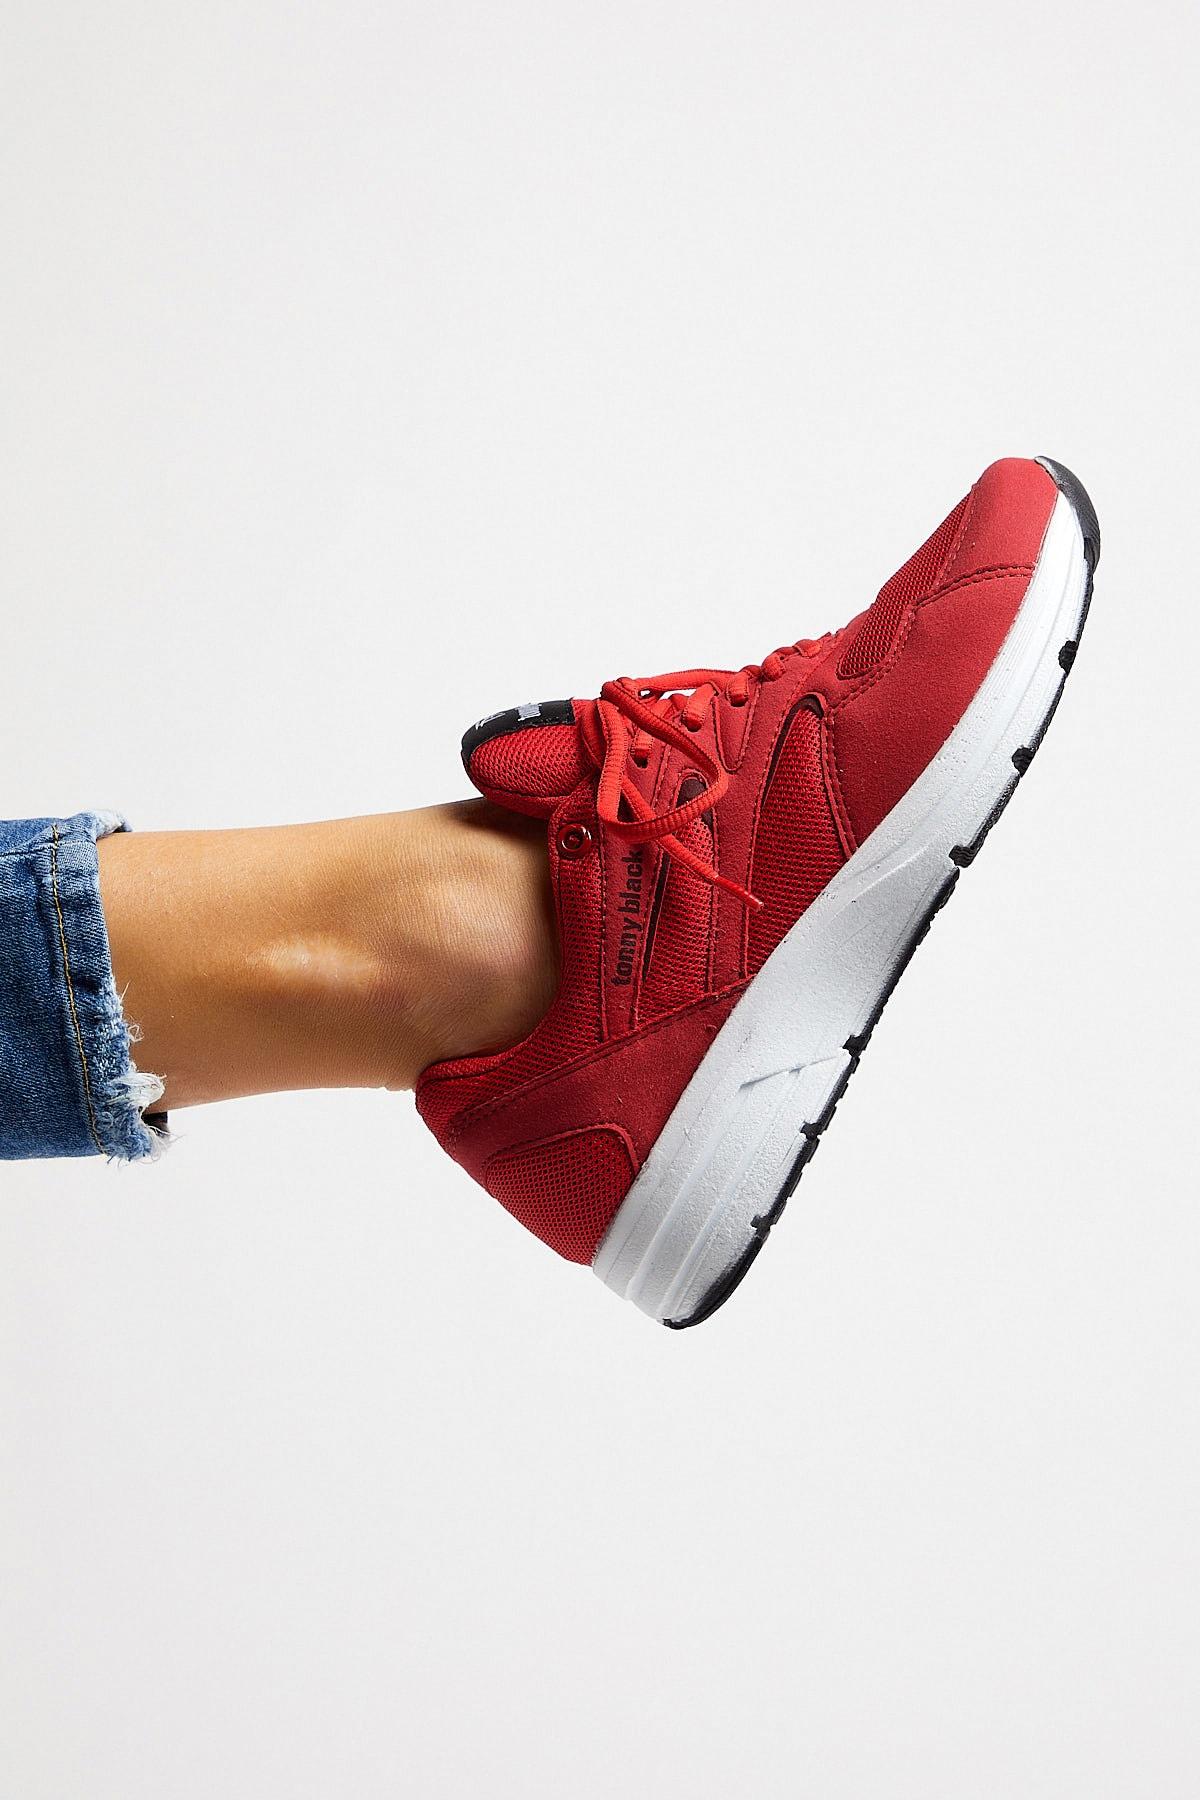 Tonny Black Unısex Spor Ayakkabı Kırmızı 772 1